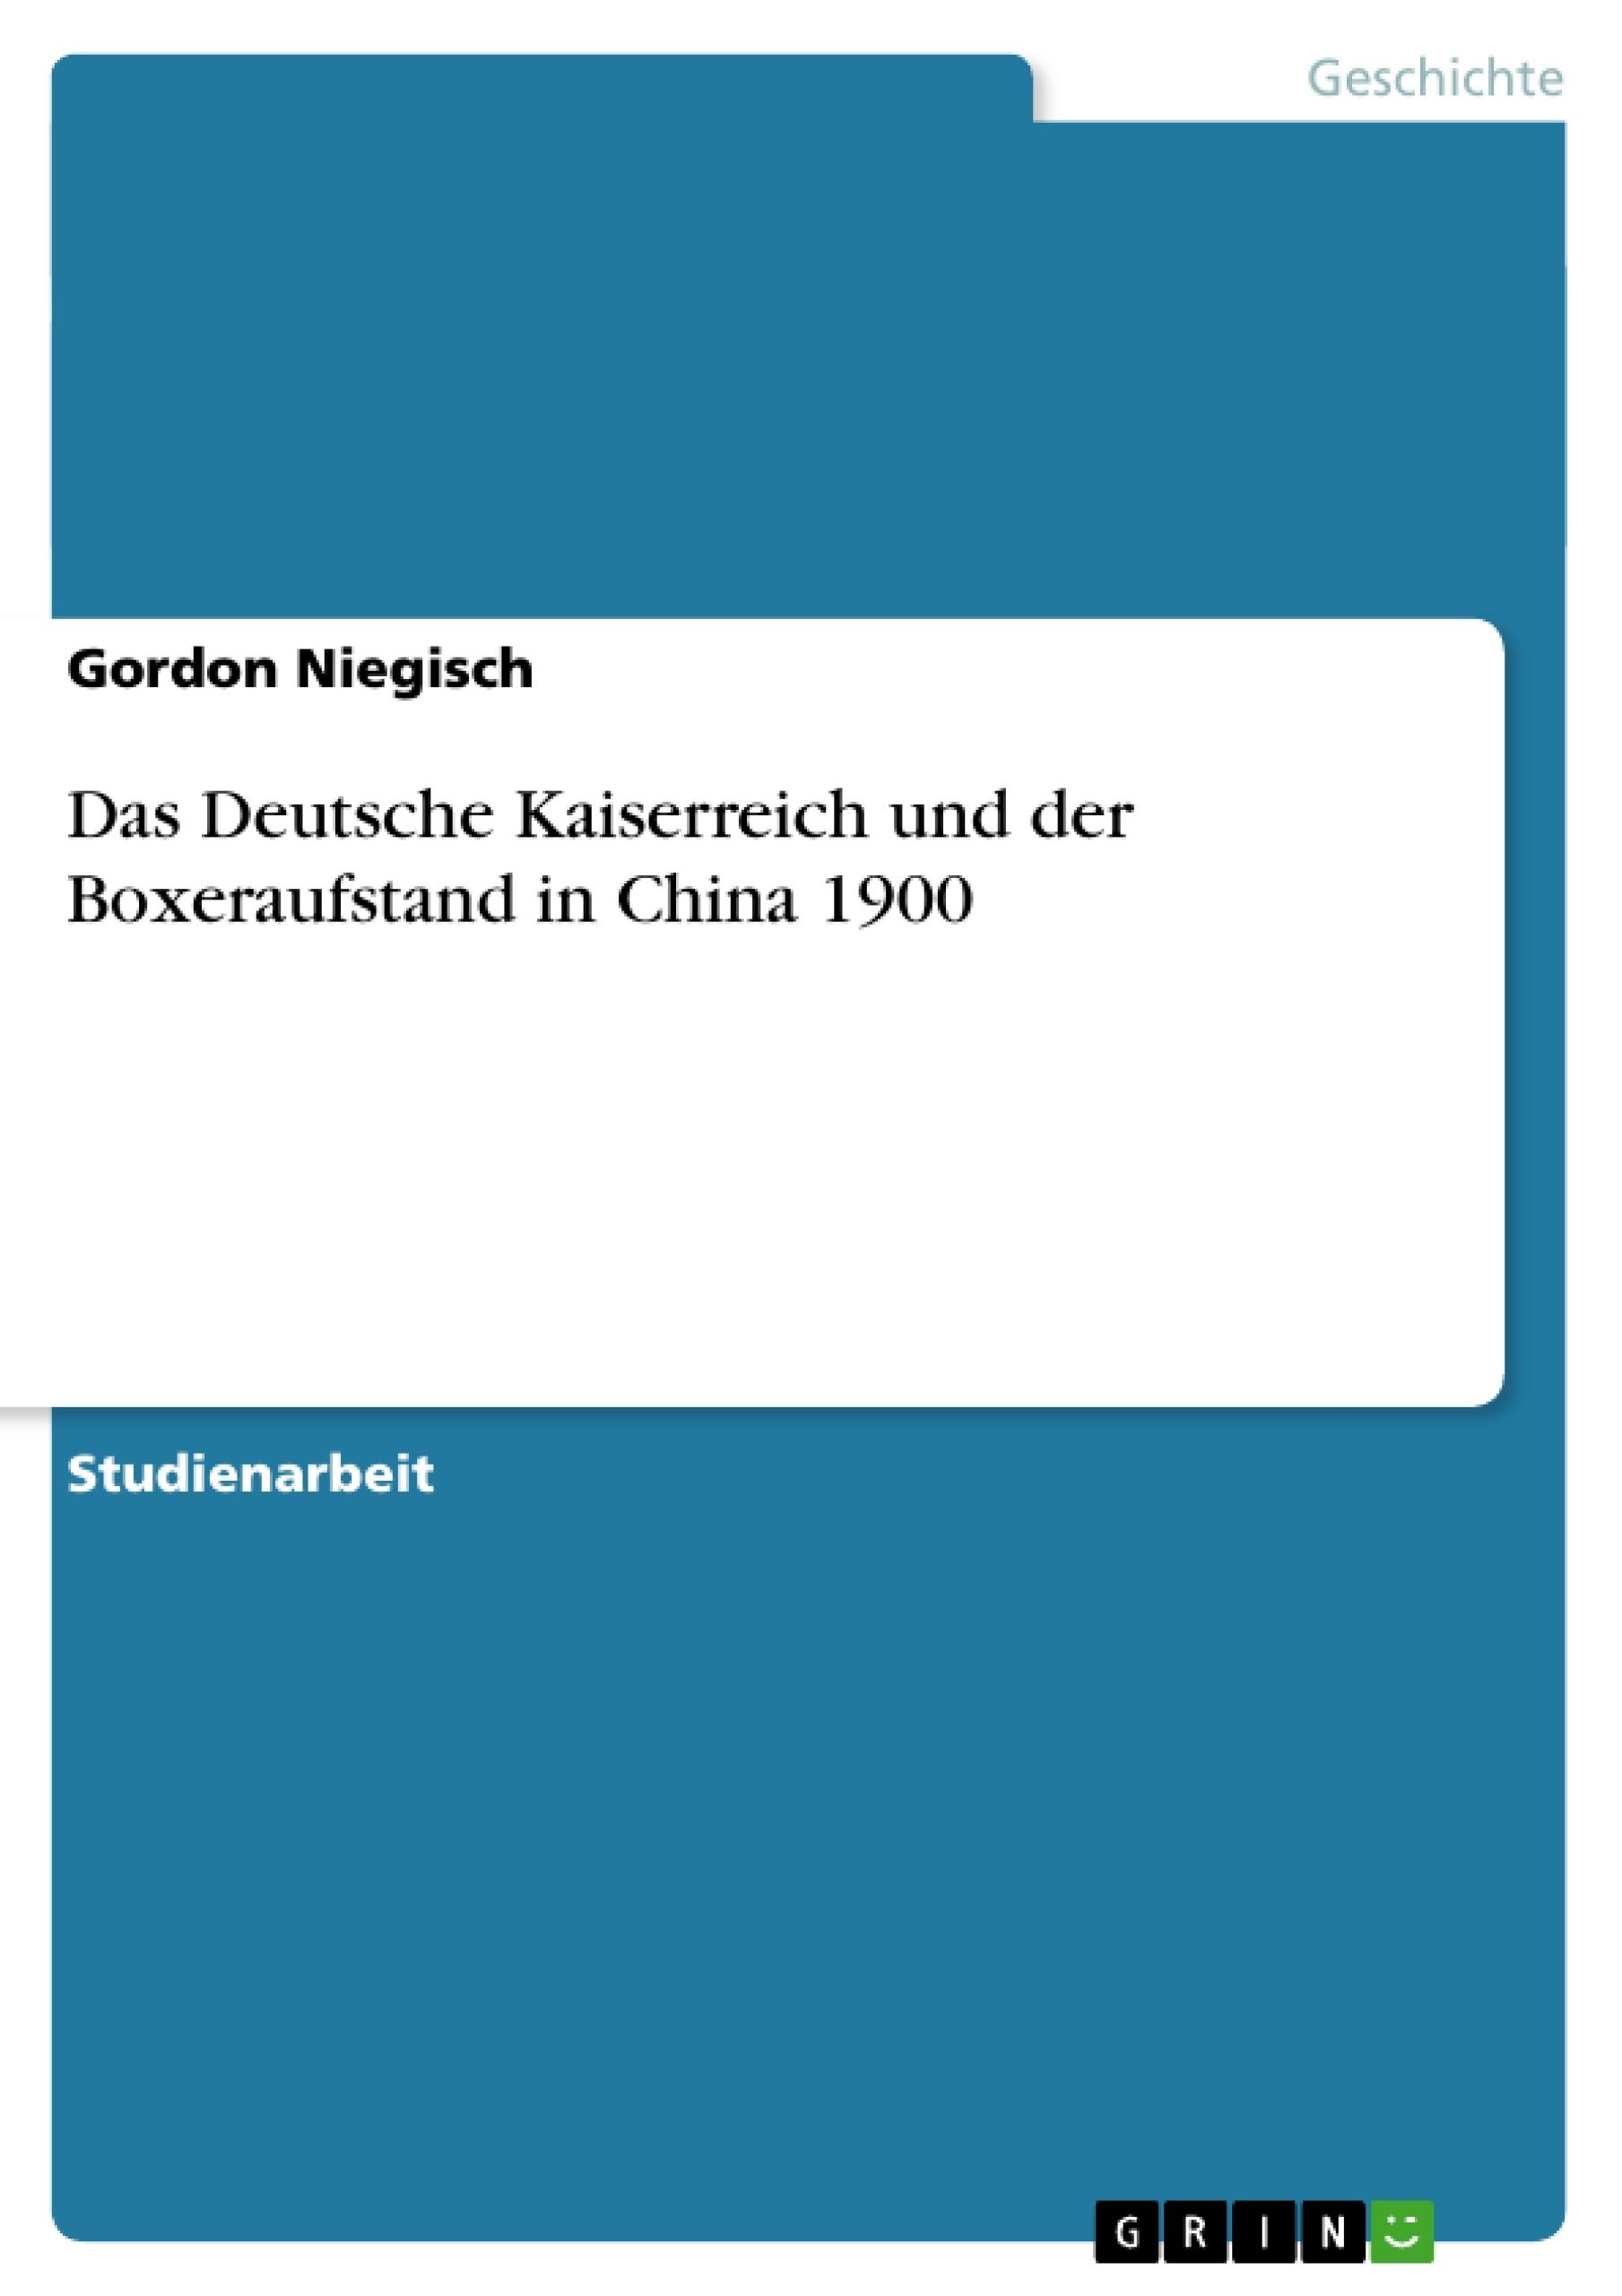 Titel: Das Deutsche Kaiserreich und der Boxeraufstand in China 1900